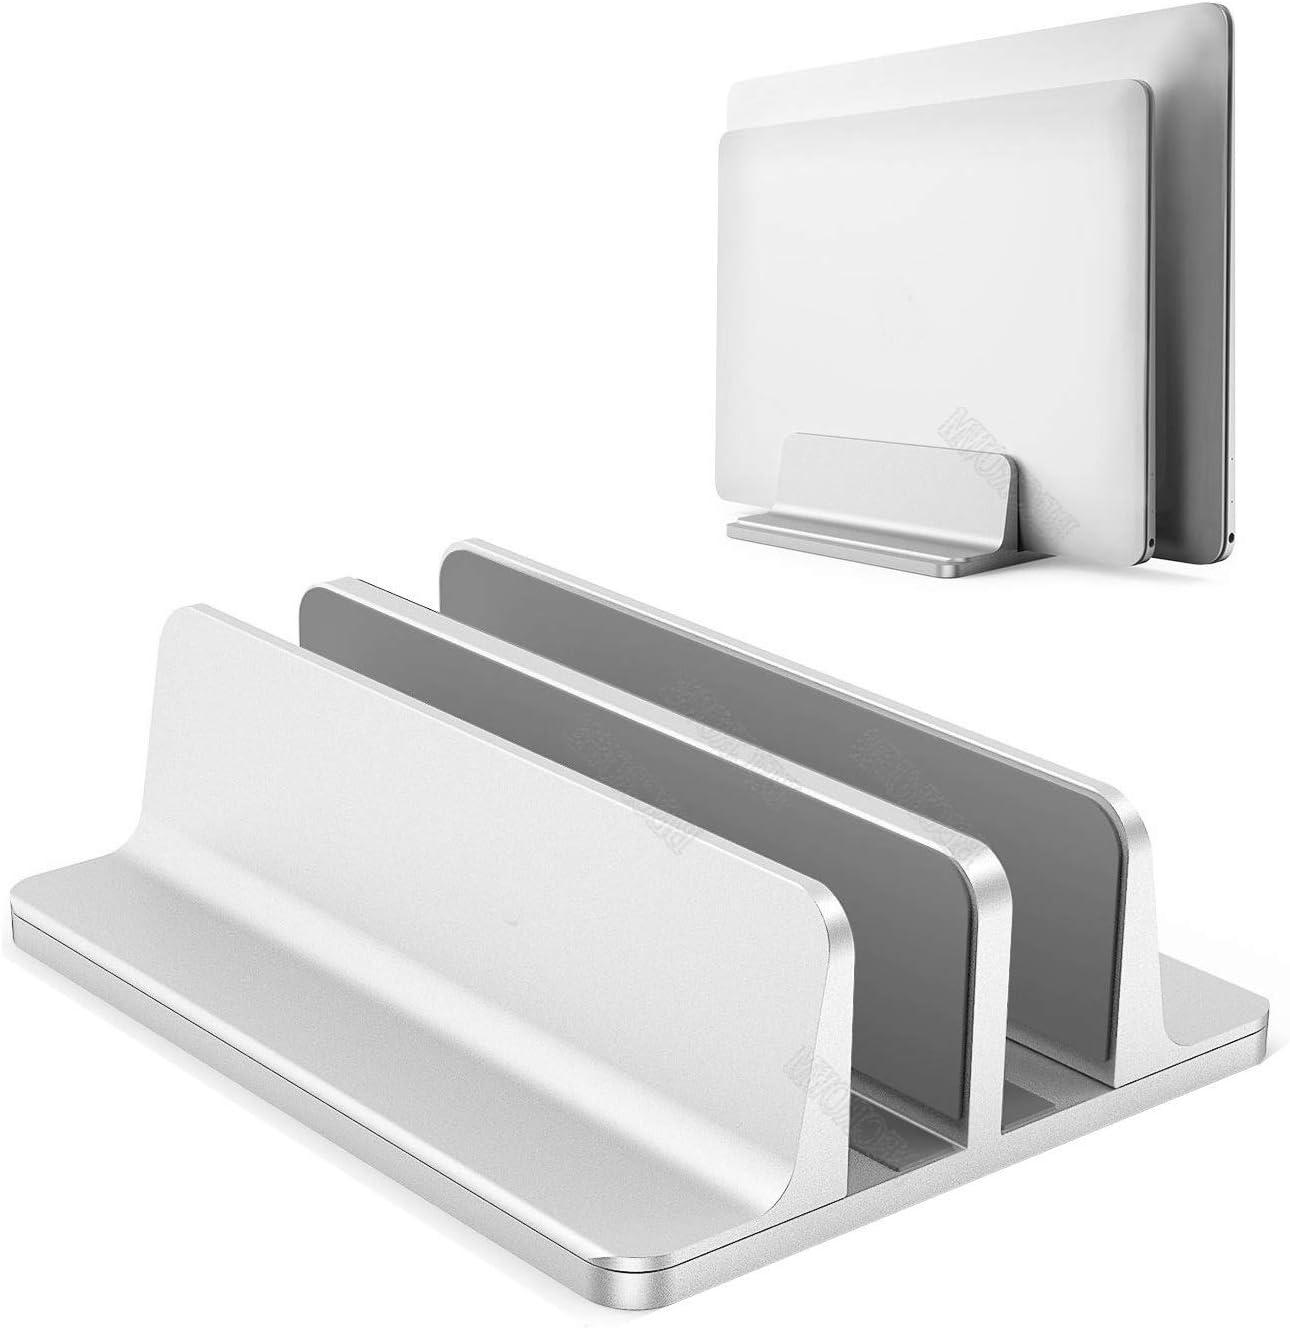 BECROWM ノートパソコン スタンド  2台起き 画像